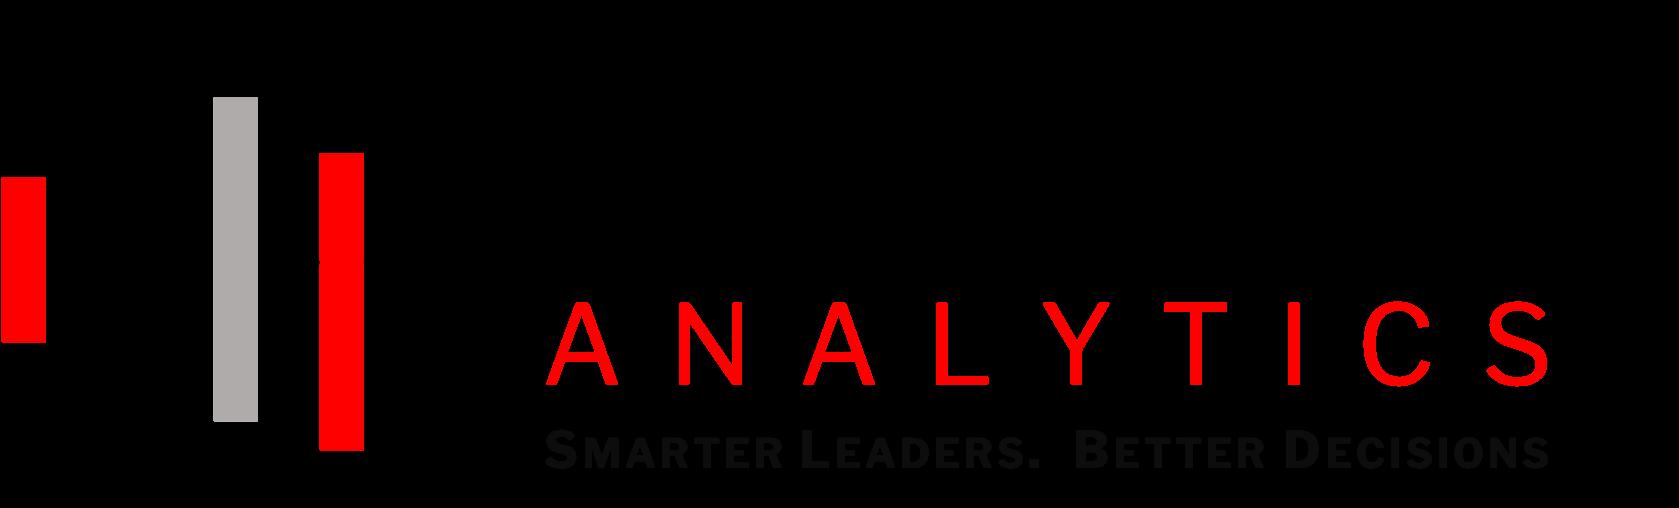 highbeam analytics logo